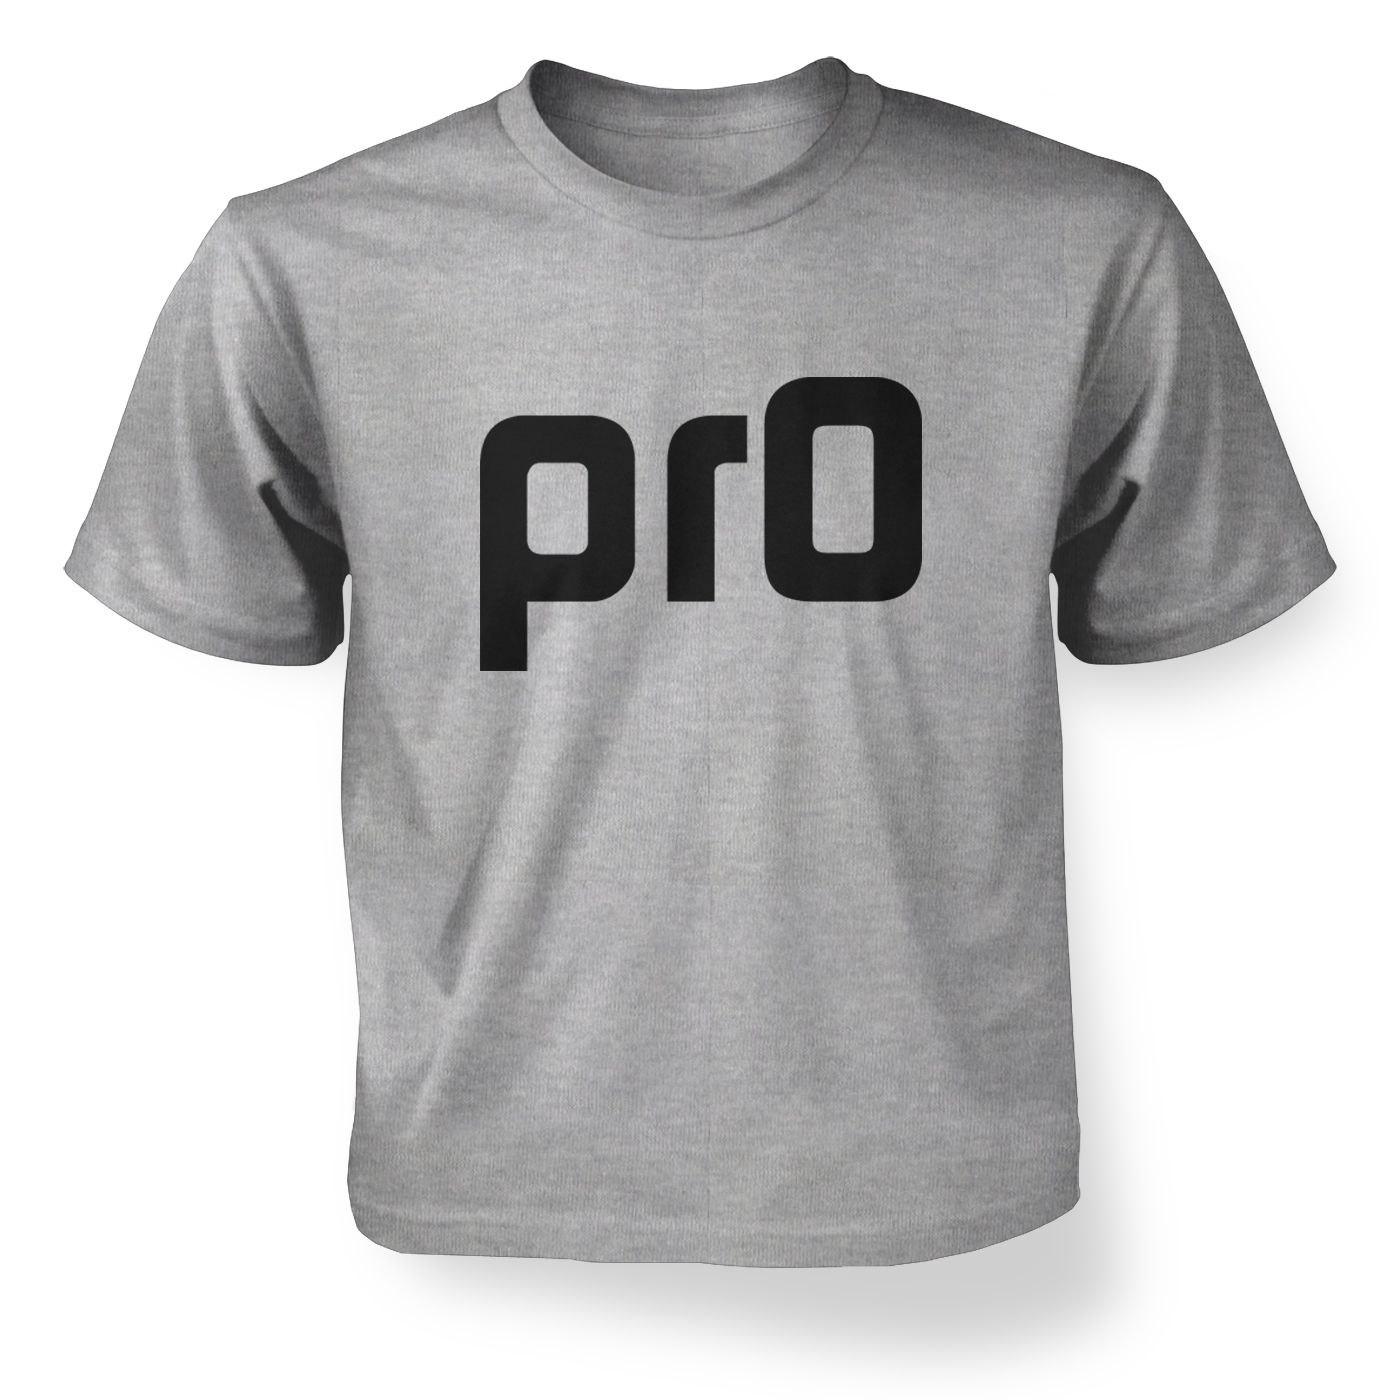 Pr0 kids' t-shirt